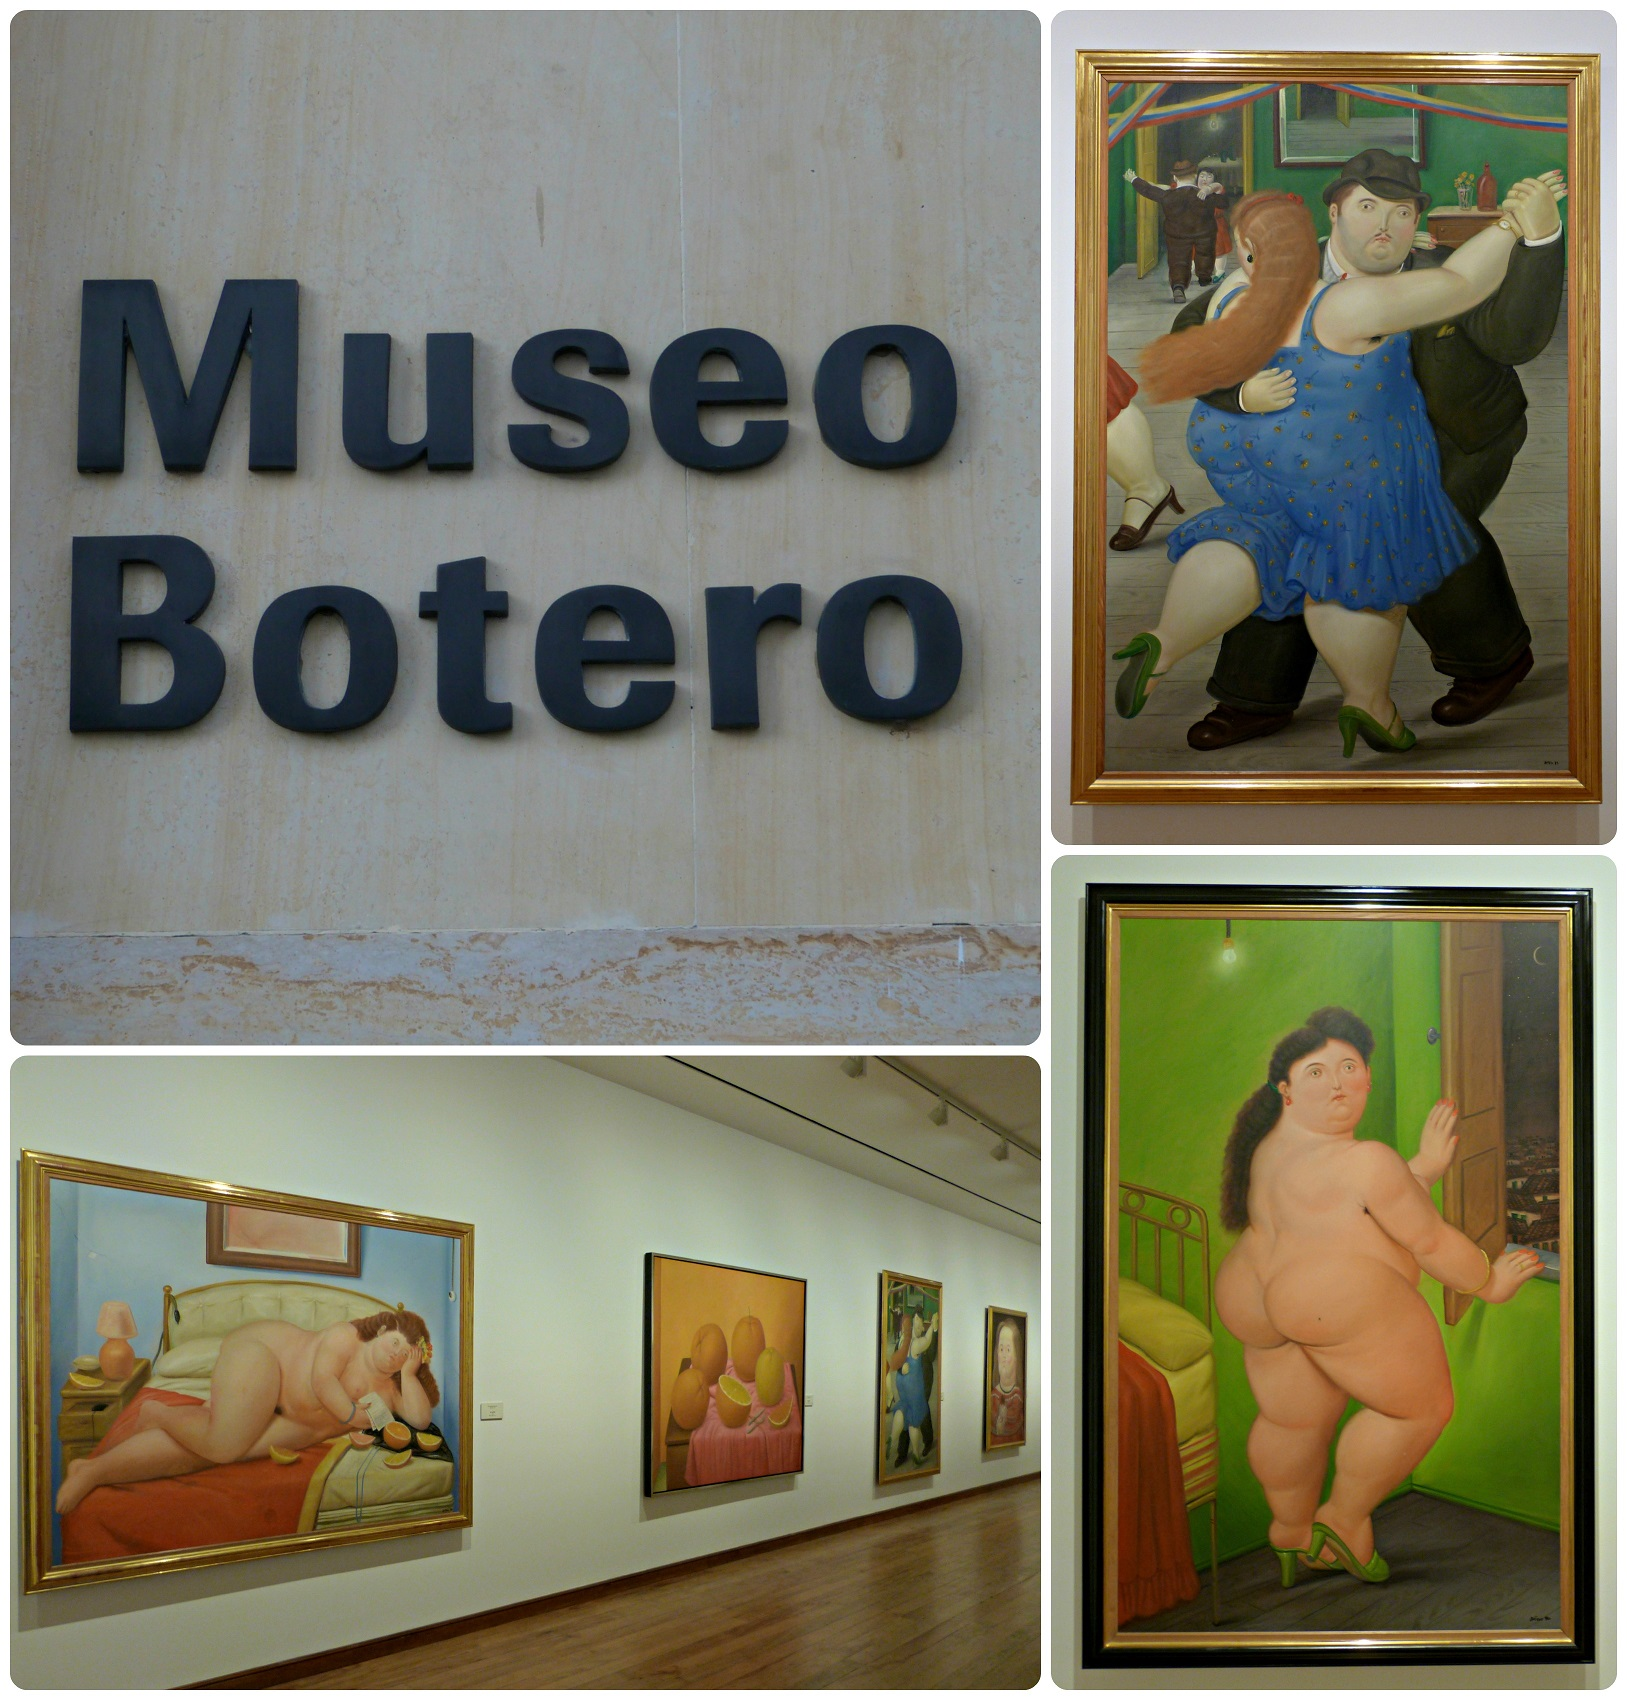 Cuadros de Botero del Museo de Arte de Bogotá